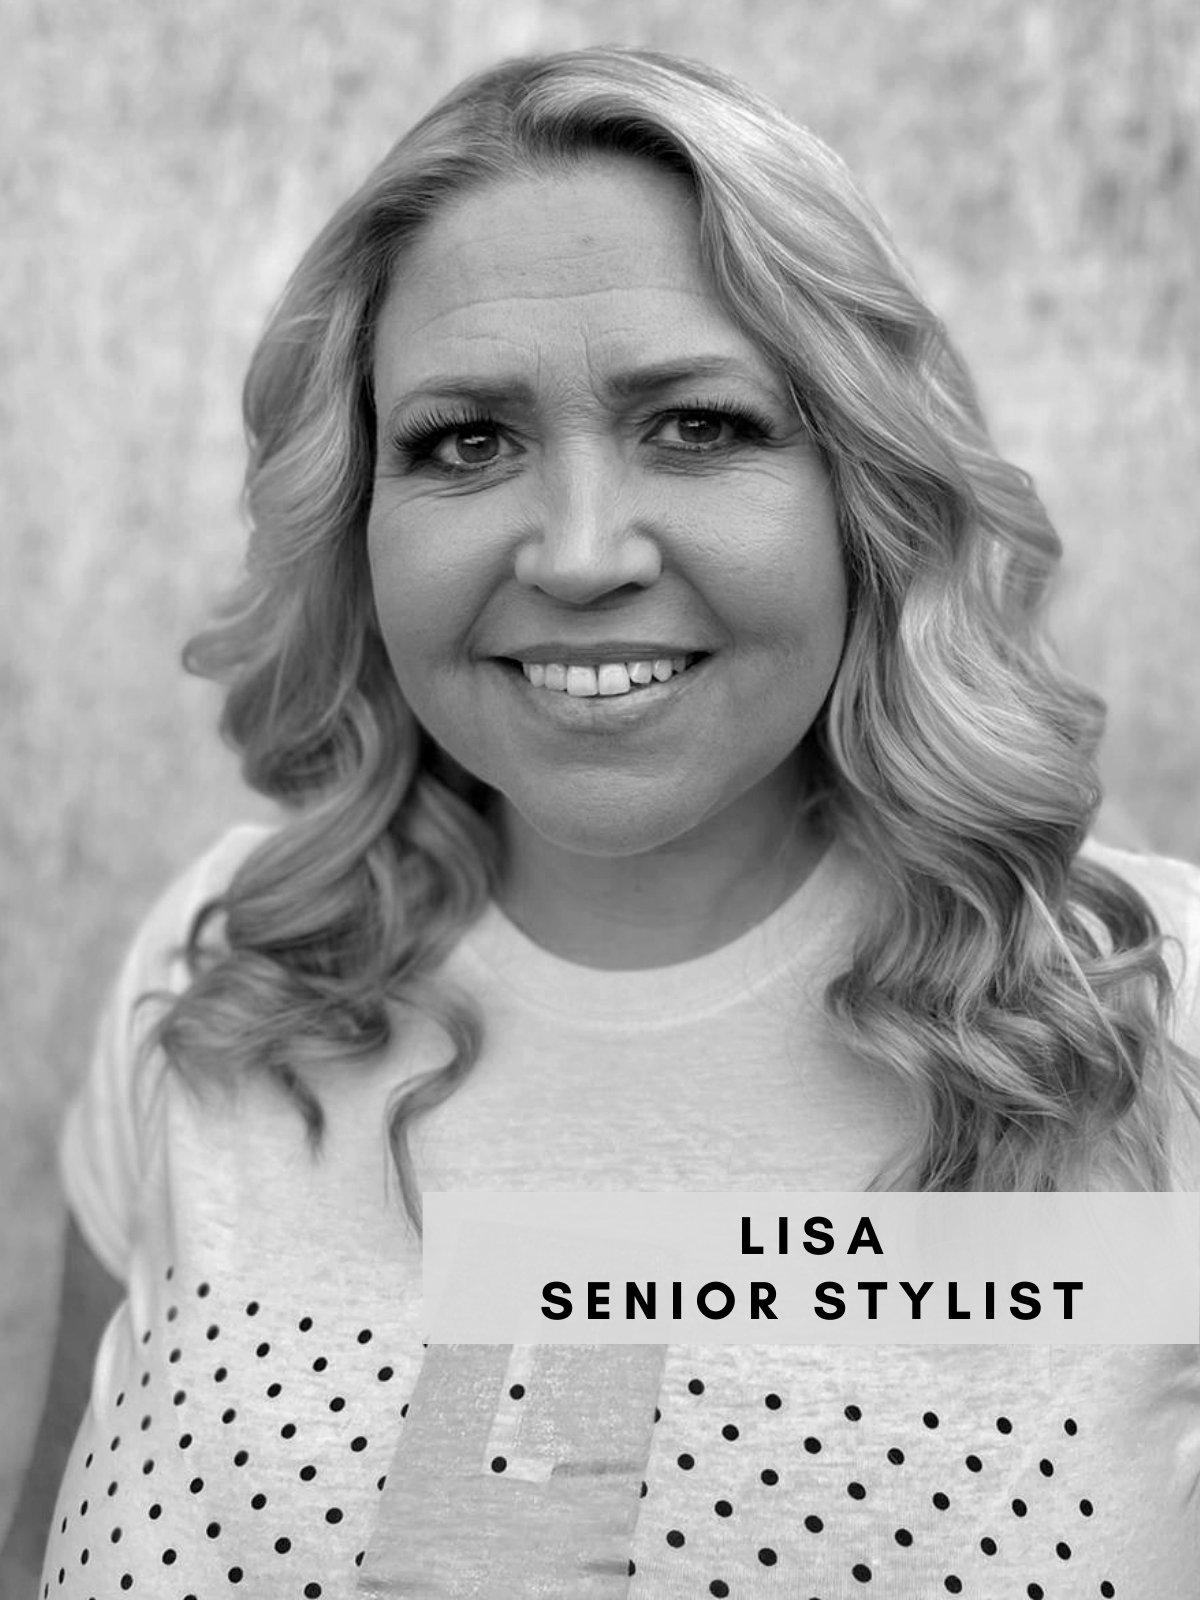 Lisa – Senior Stylist